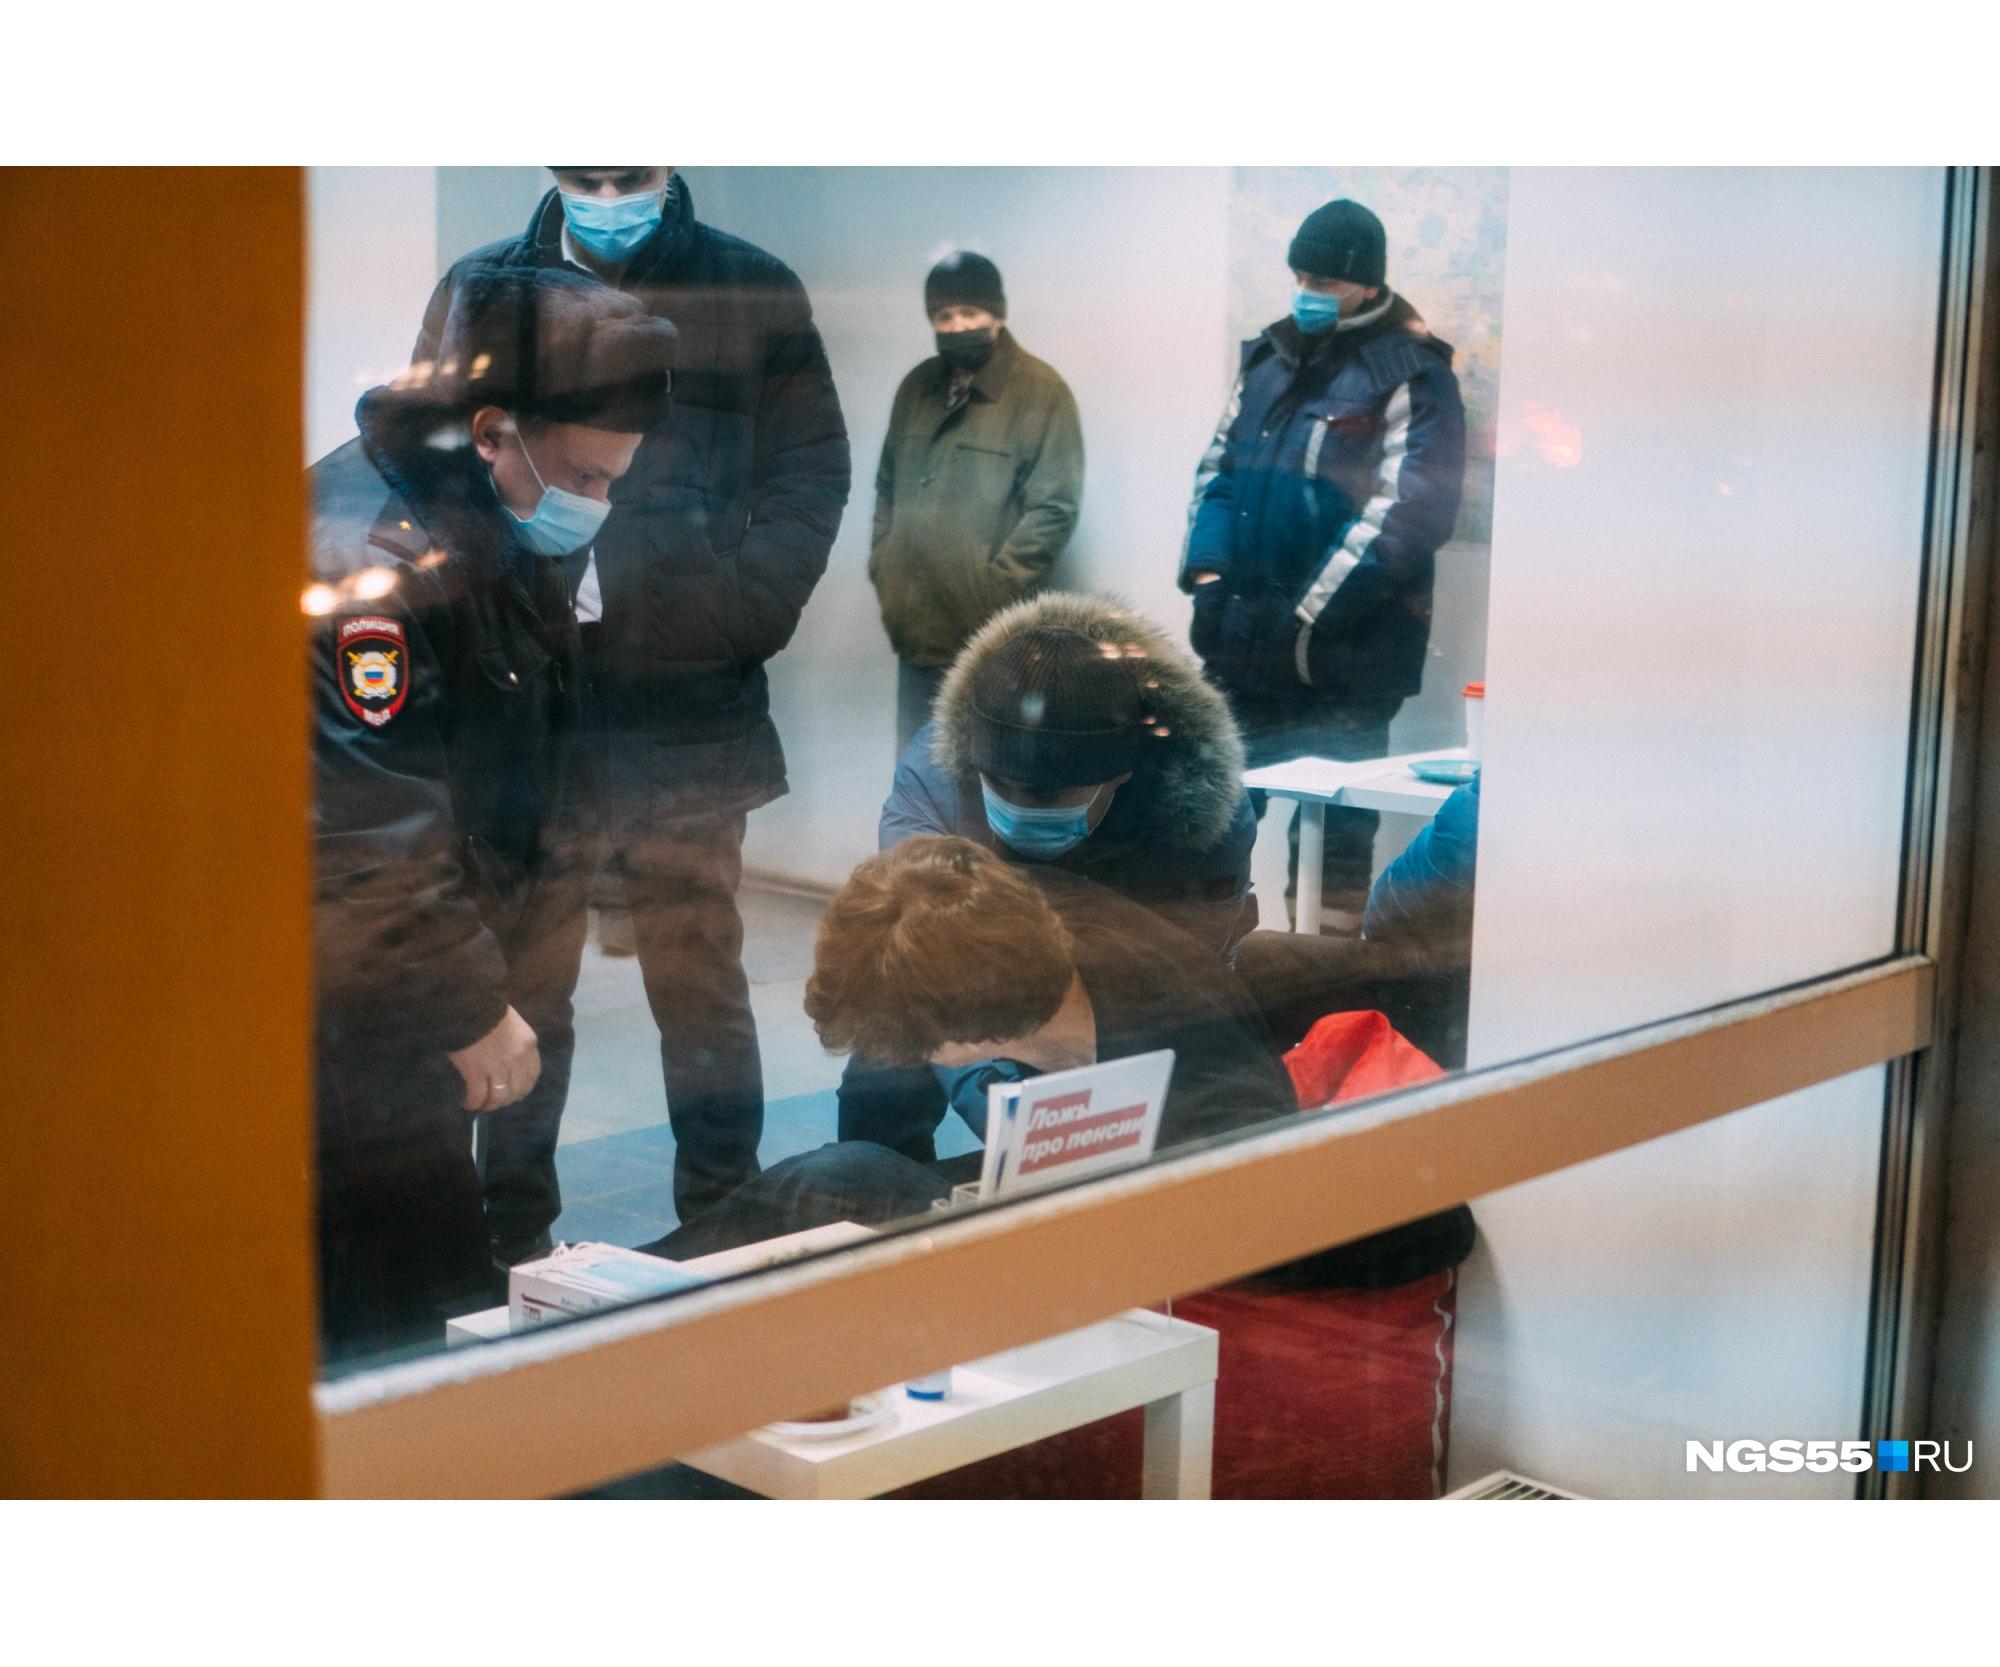 Снимать не разрешили не только нашему фотографу, но и членам штаба. Они утверждают, что при малейшей попытке зафиксировать происходящее на камеру телефоны пытались отобрать